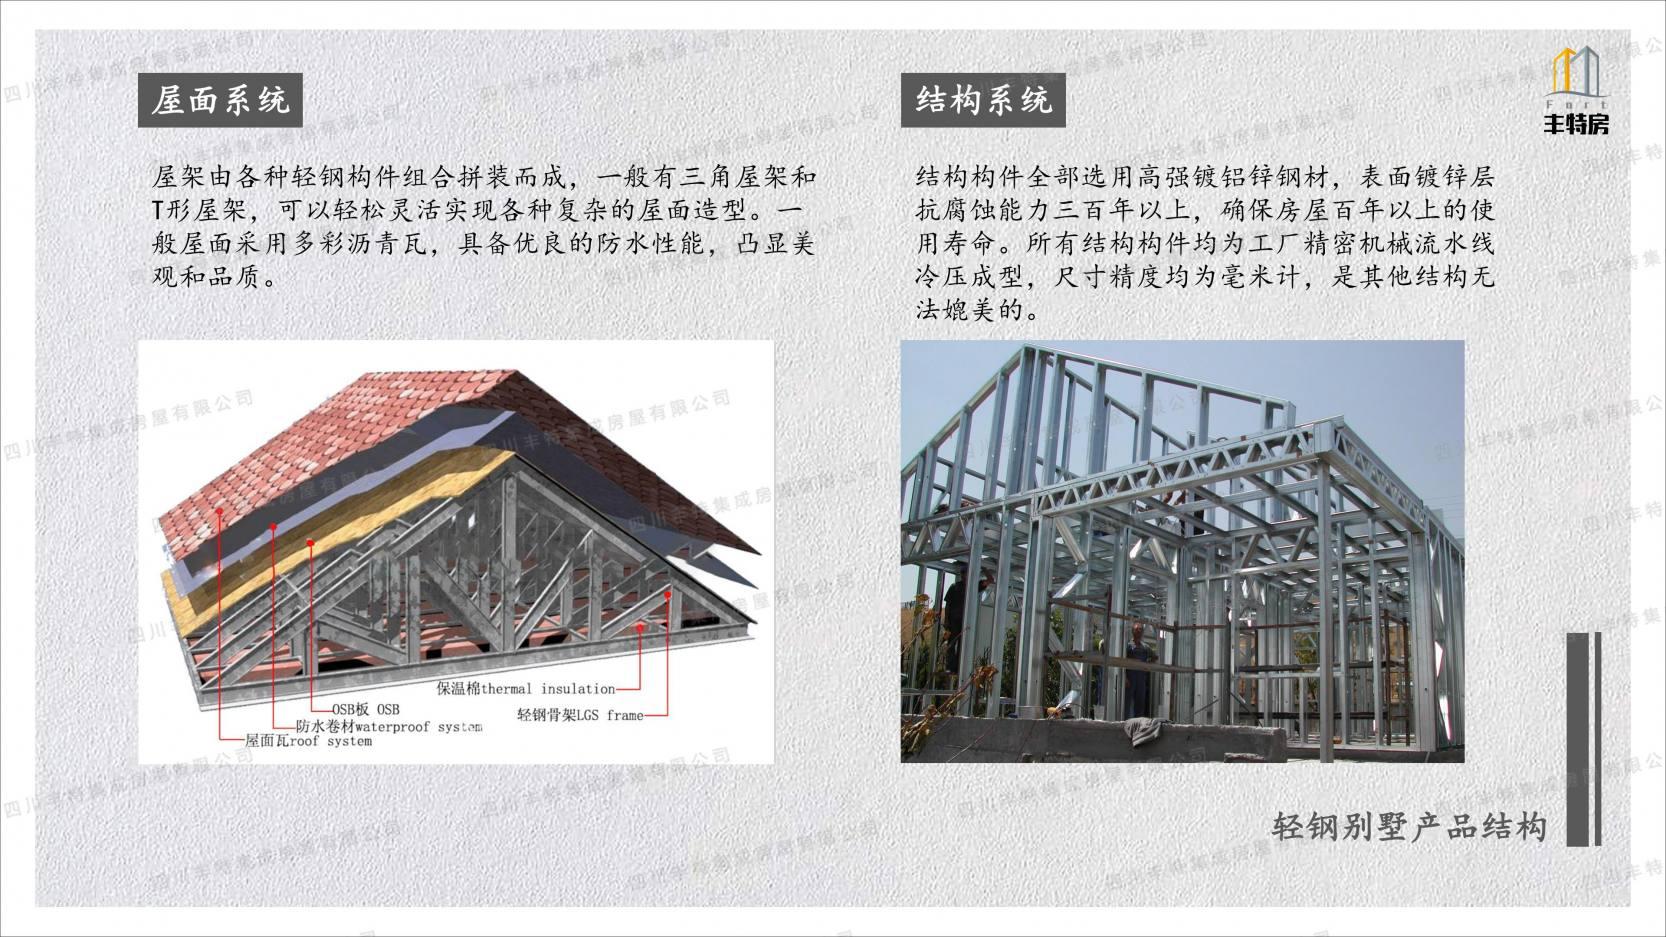 四川丰特集成房屋有限公司 (28)